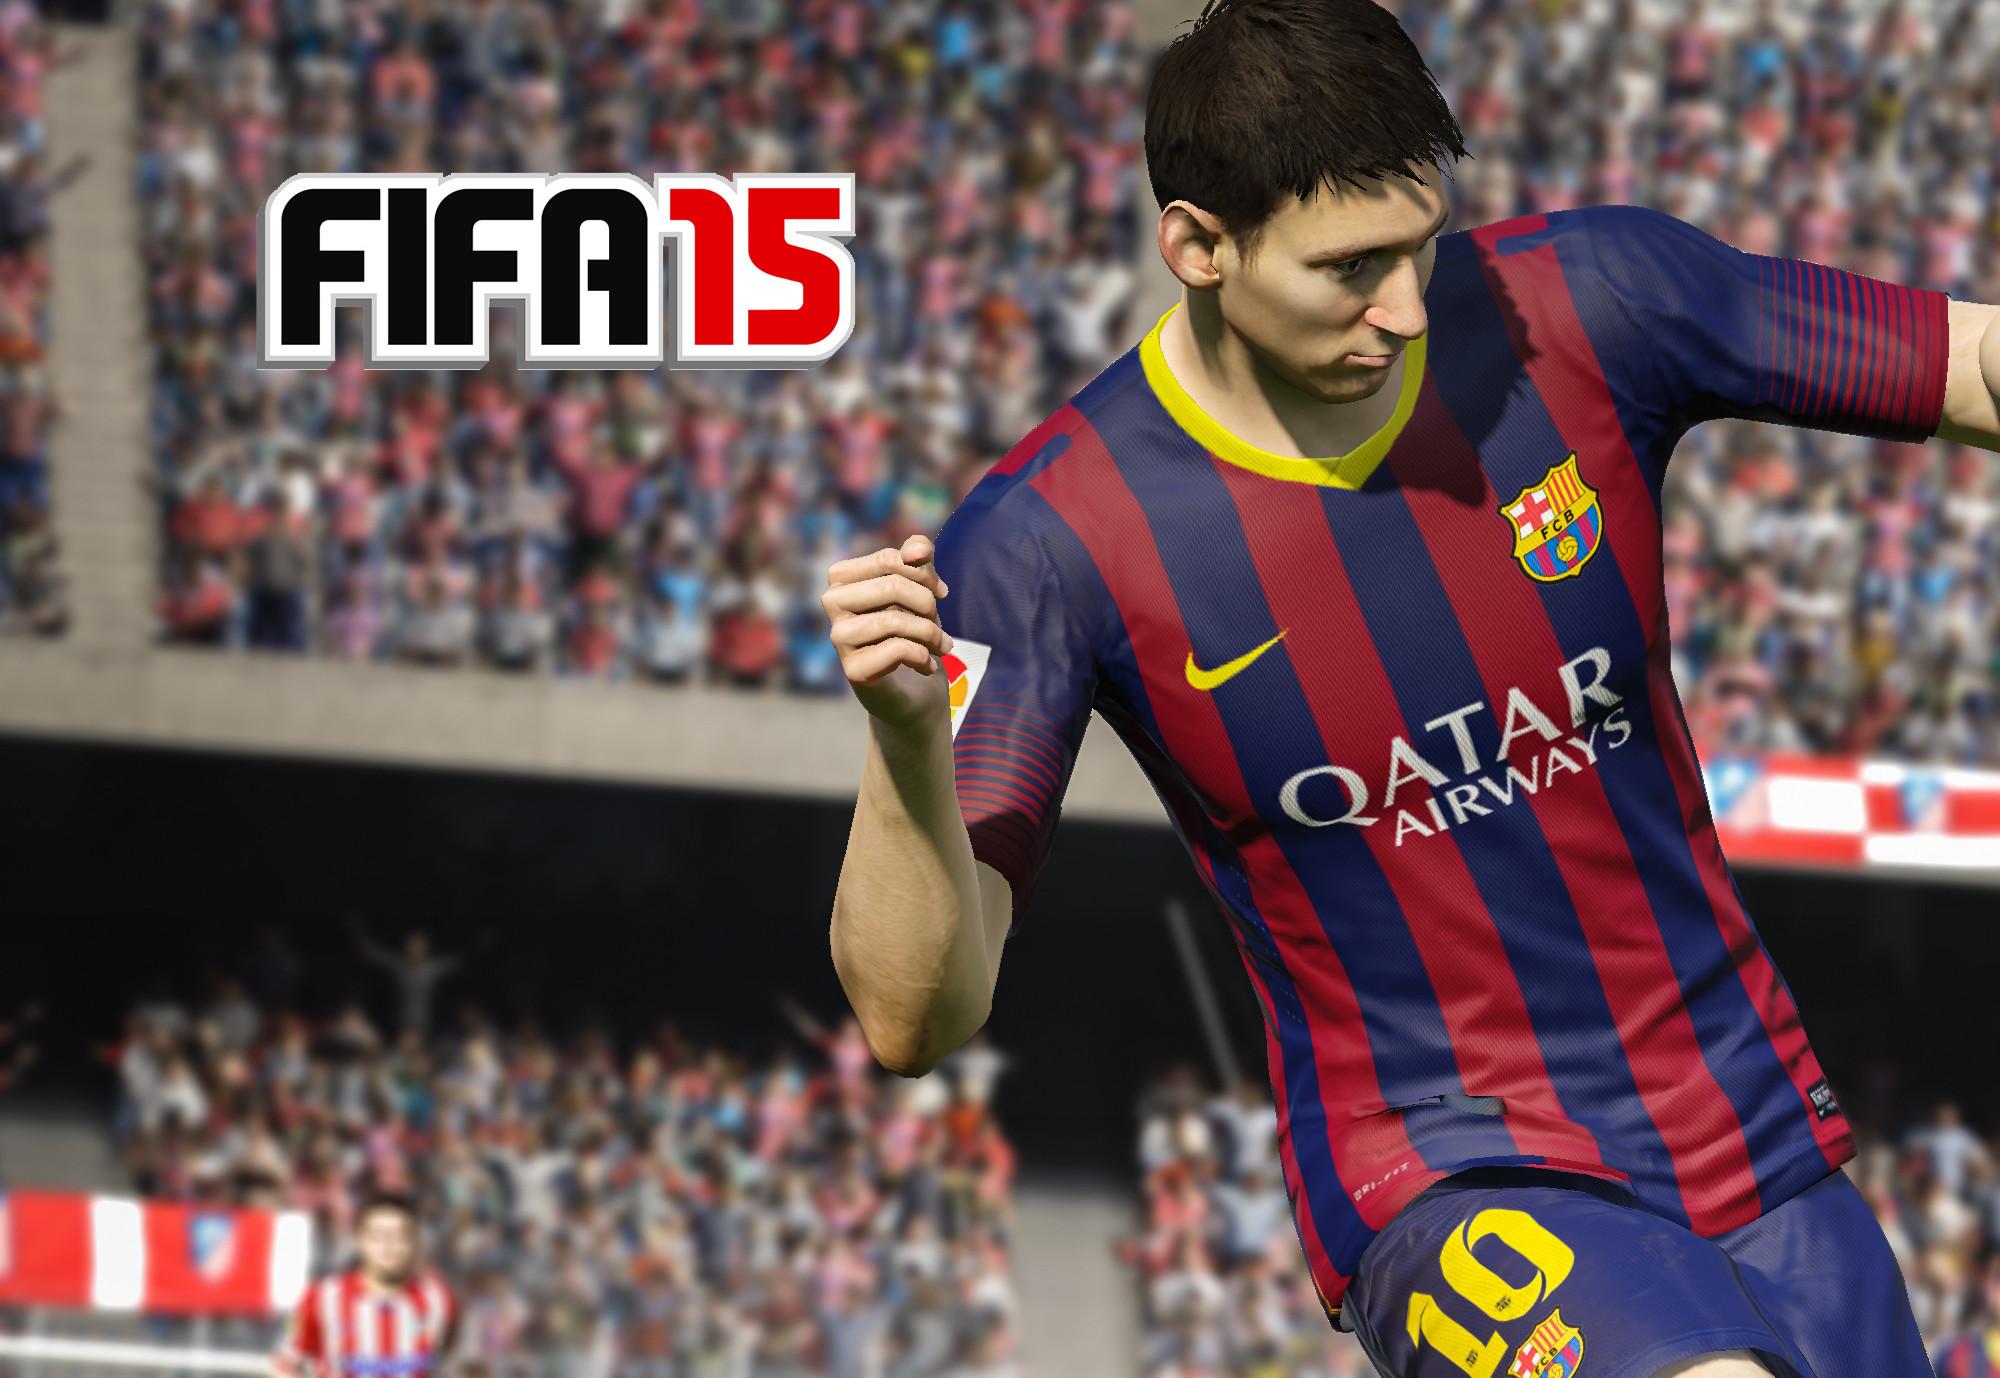 Res: 2000x1378, Fifa 15 Full HD Quality Pics, BDFjade